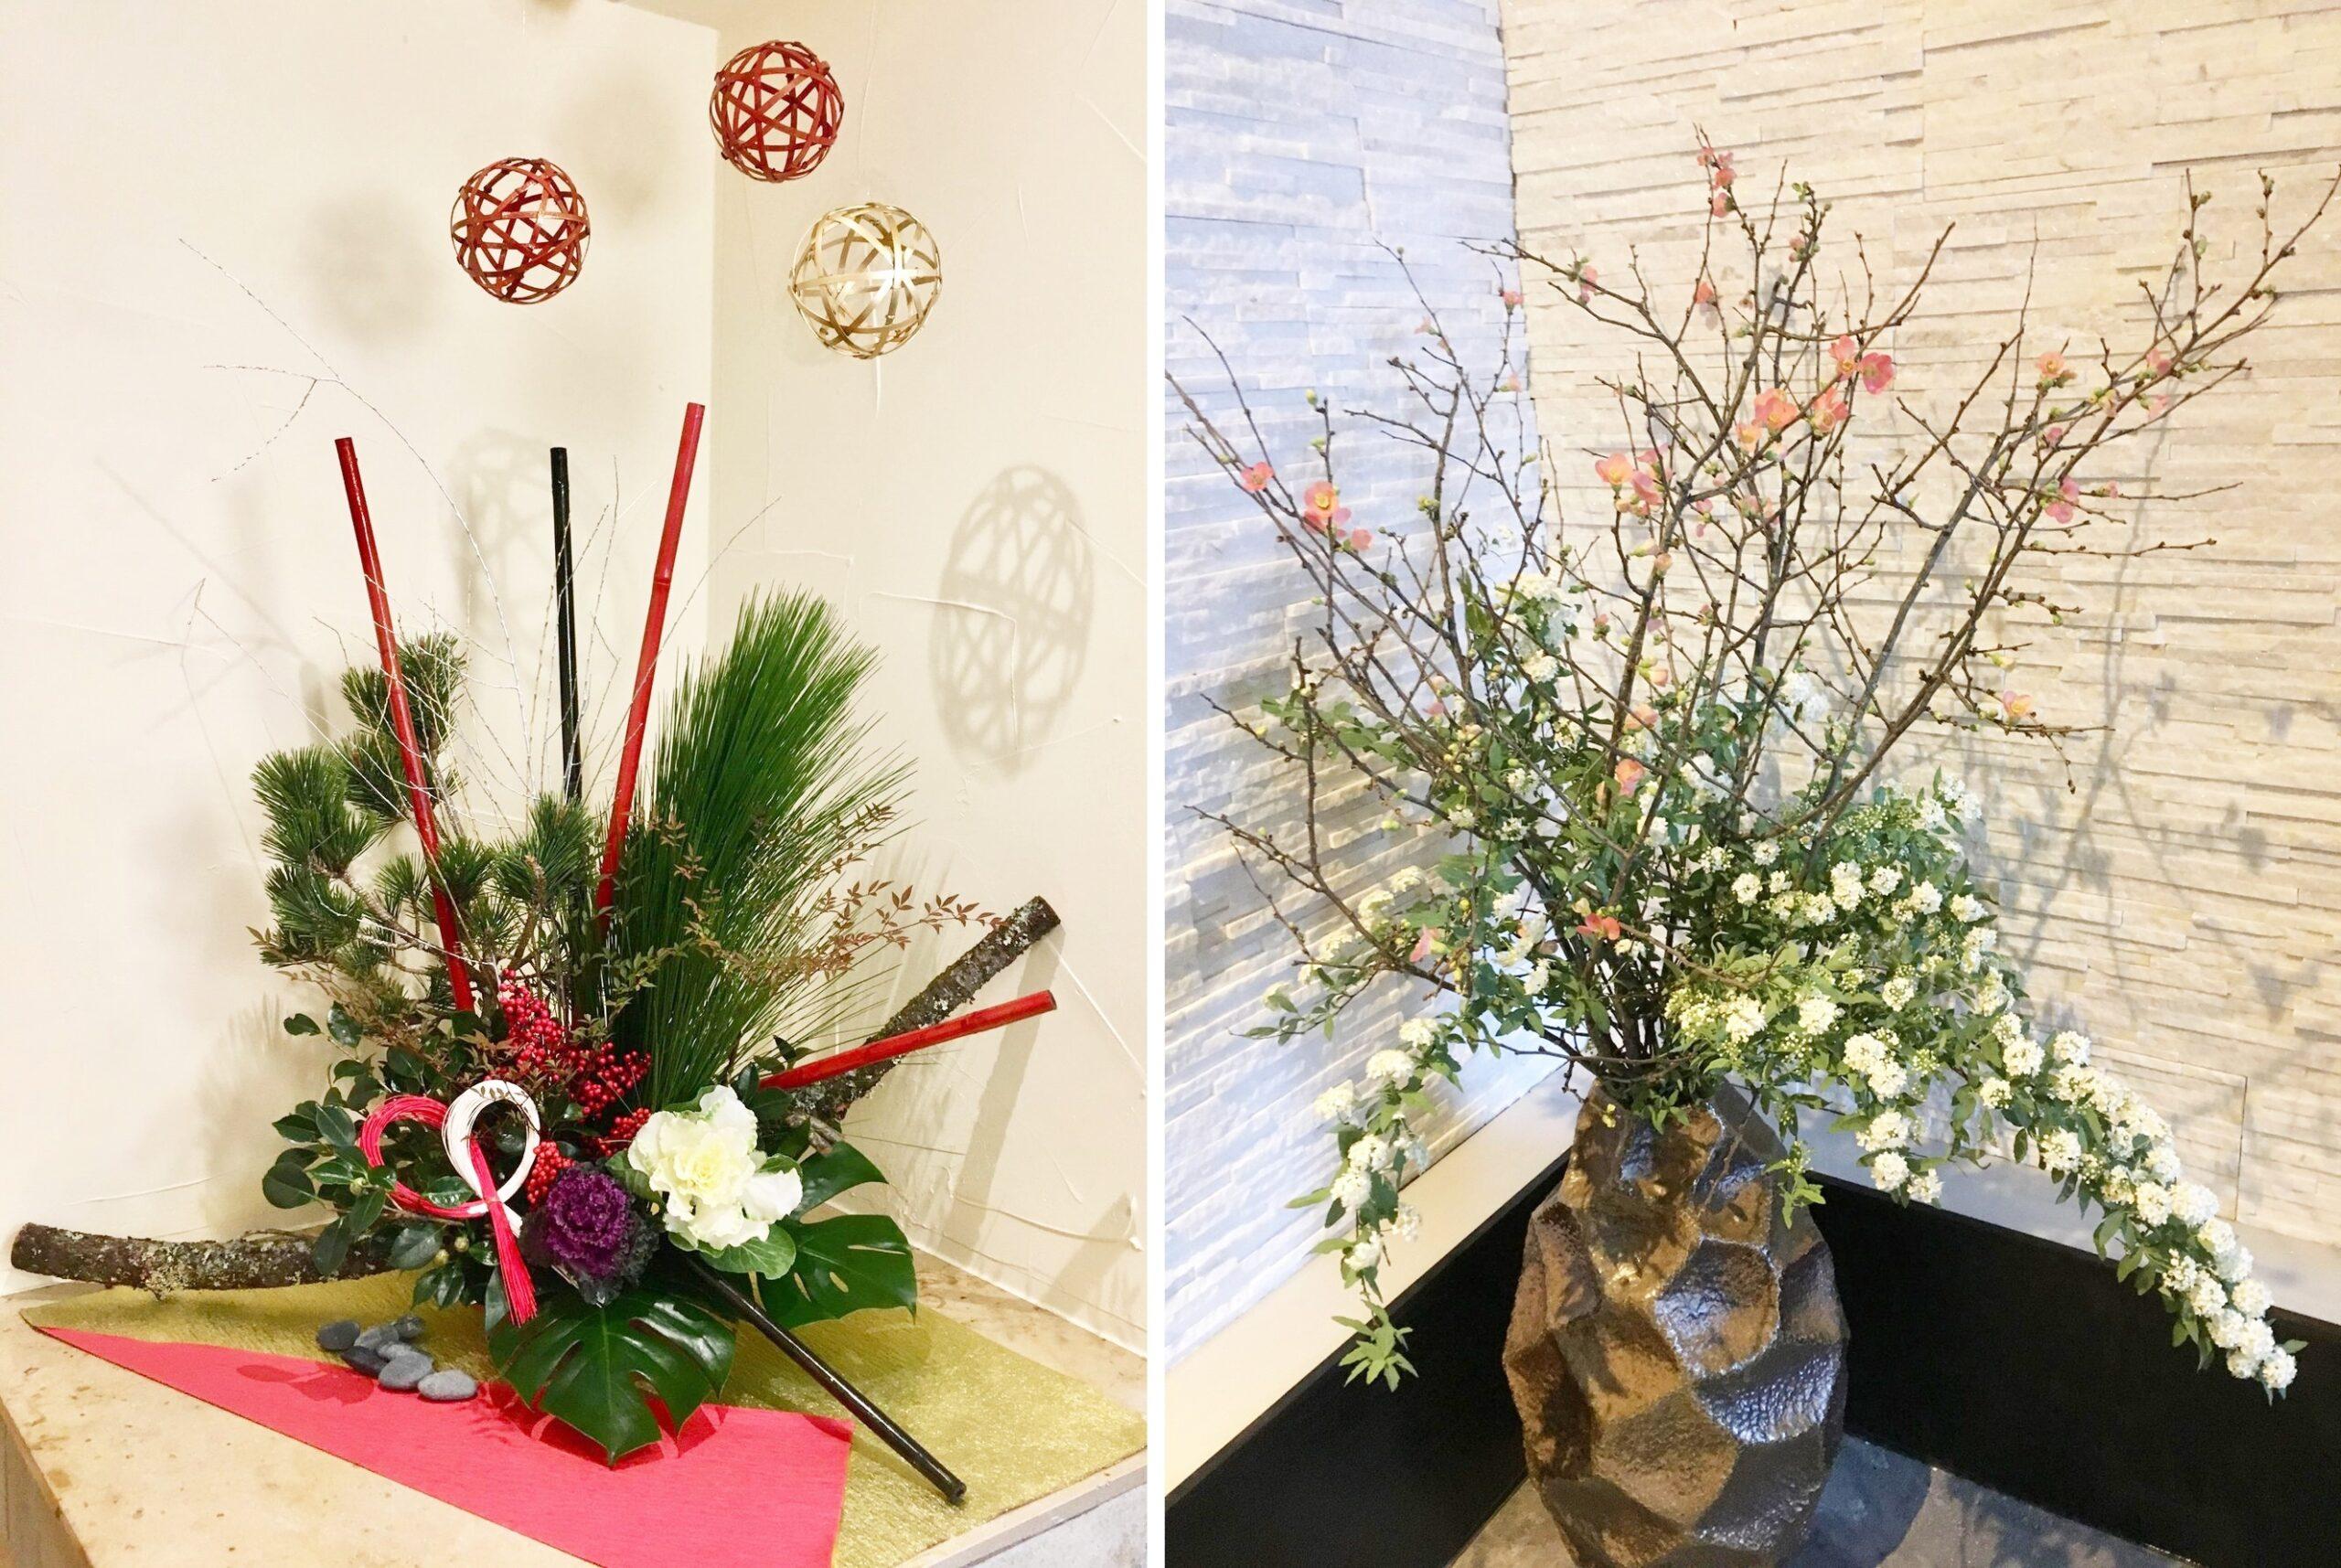 冬や春を連想させる、季節を感じる店内ディスプレイの例の写真